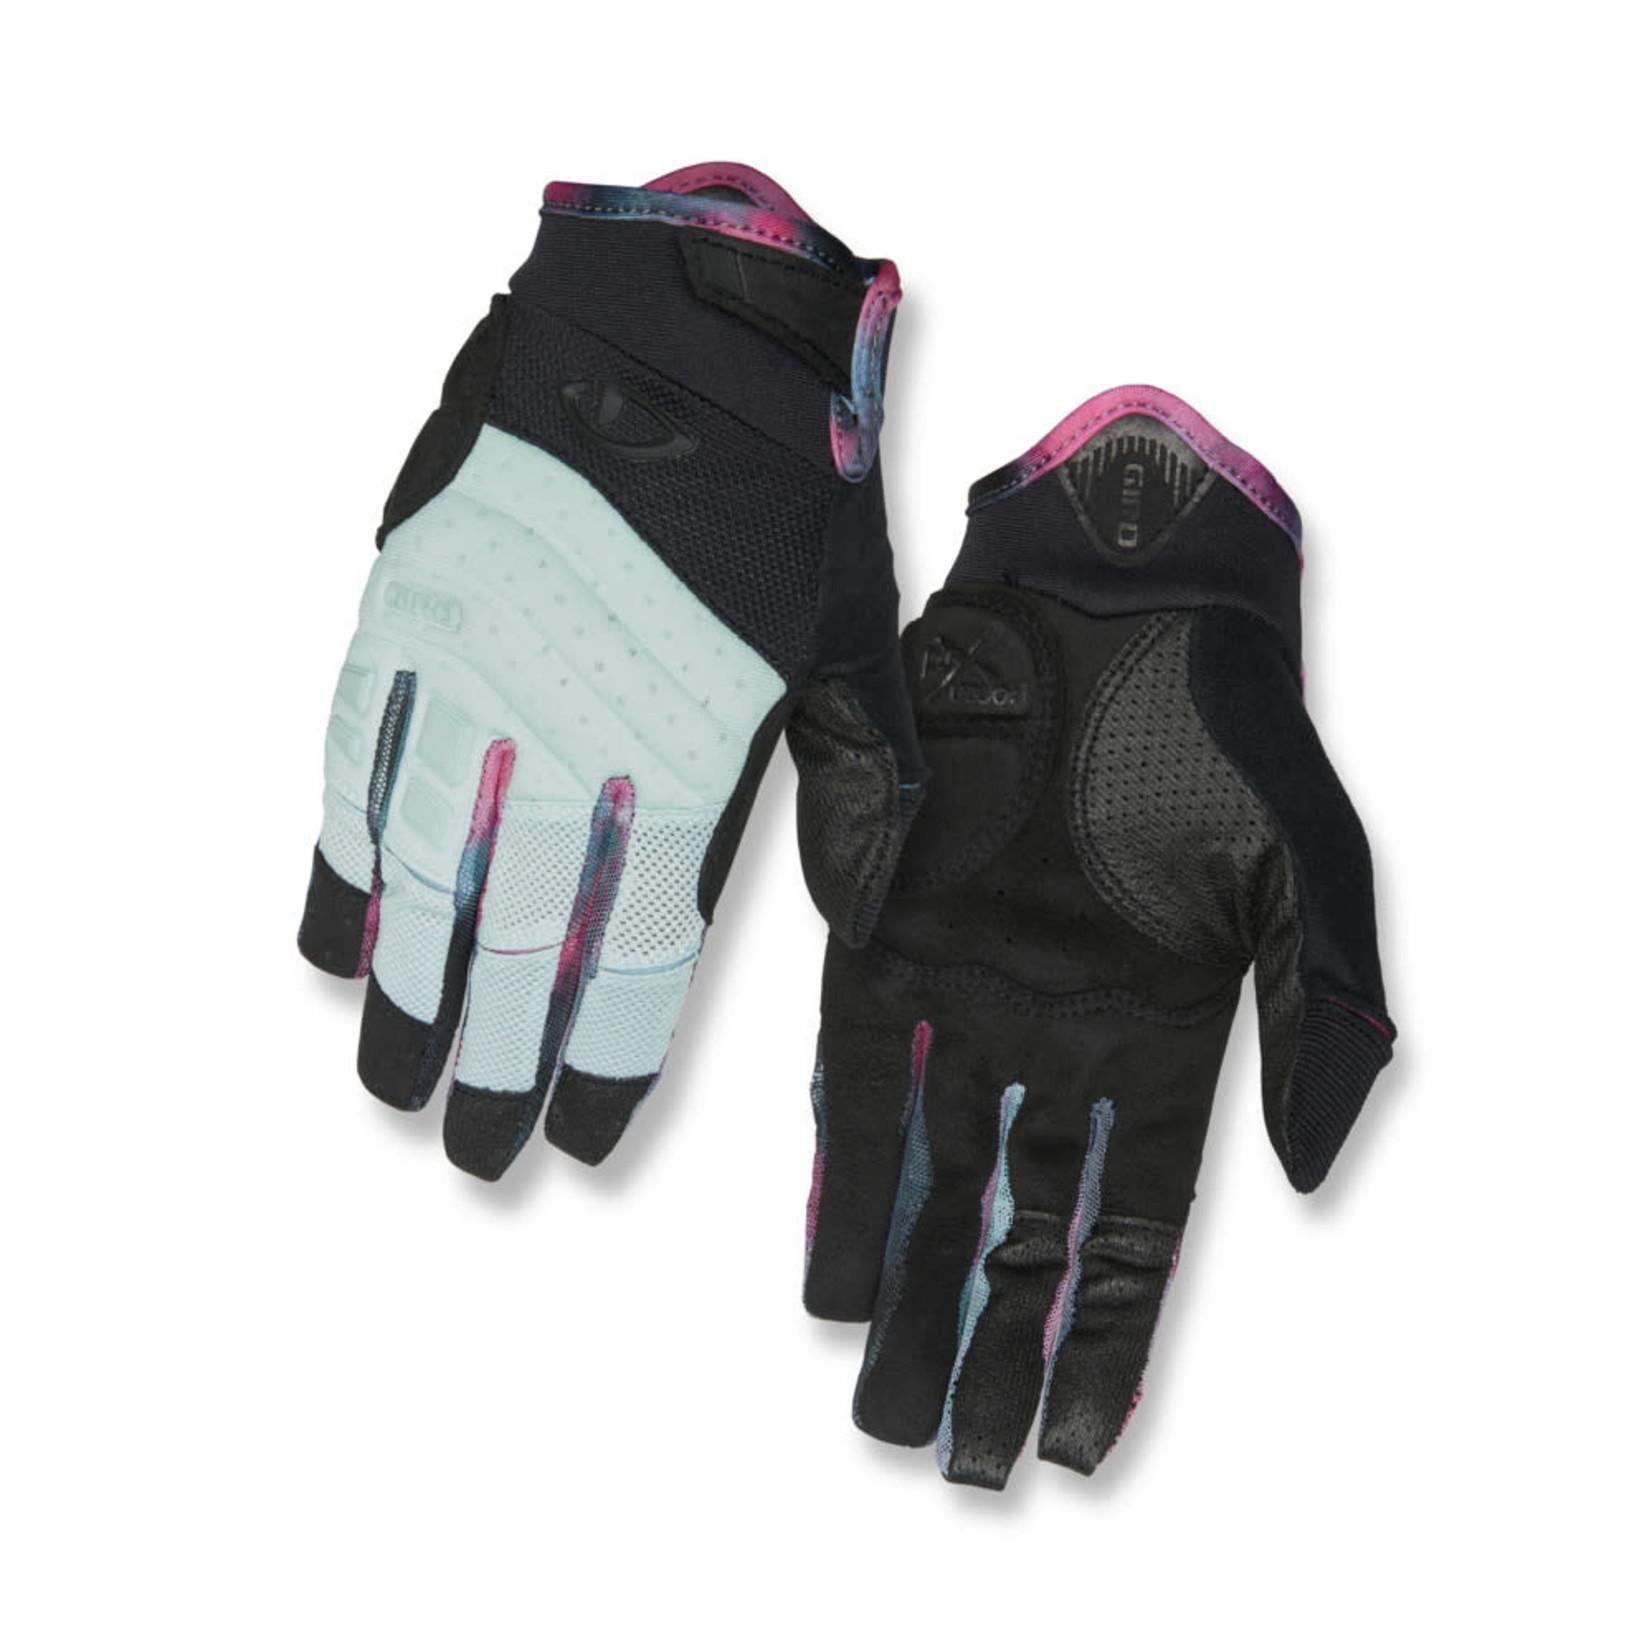 Giro Giro Xena Glove Women's